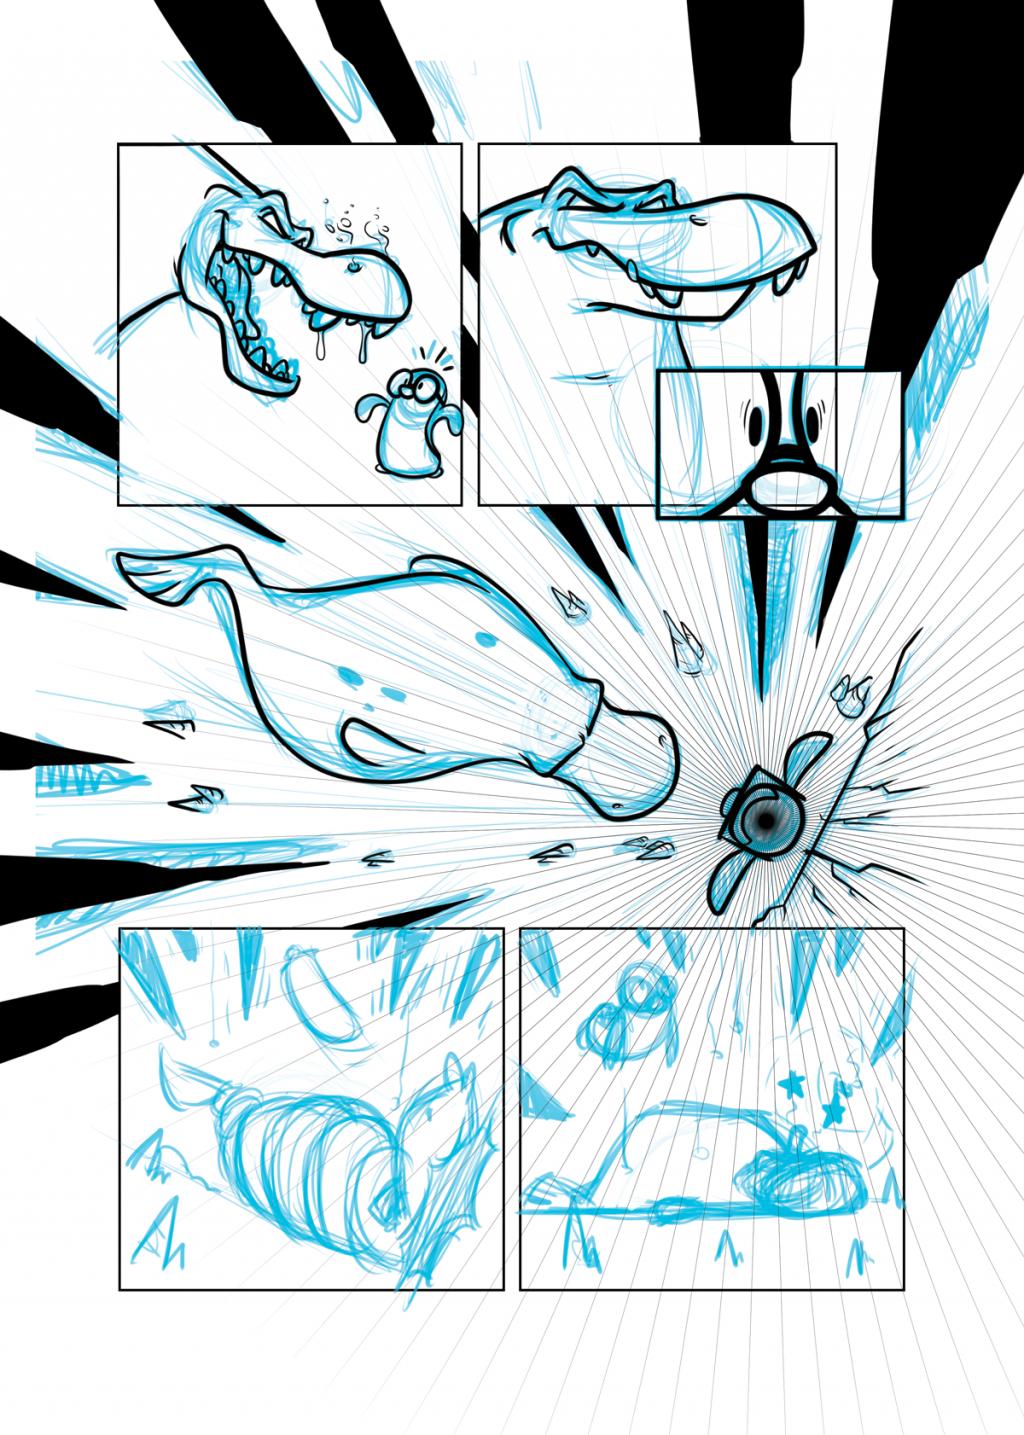 Livro Novo a Caminho | Will e Wes, webcomic, tirinha, roteiro, rascunho, quadrinhos, processo de produção, página, narrativa gráfica, livro, layout, humor, graphic novel, fazer quadrinhos